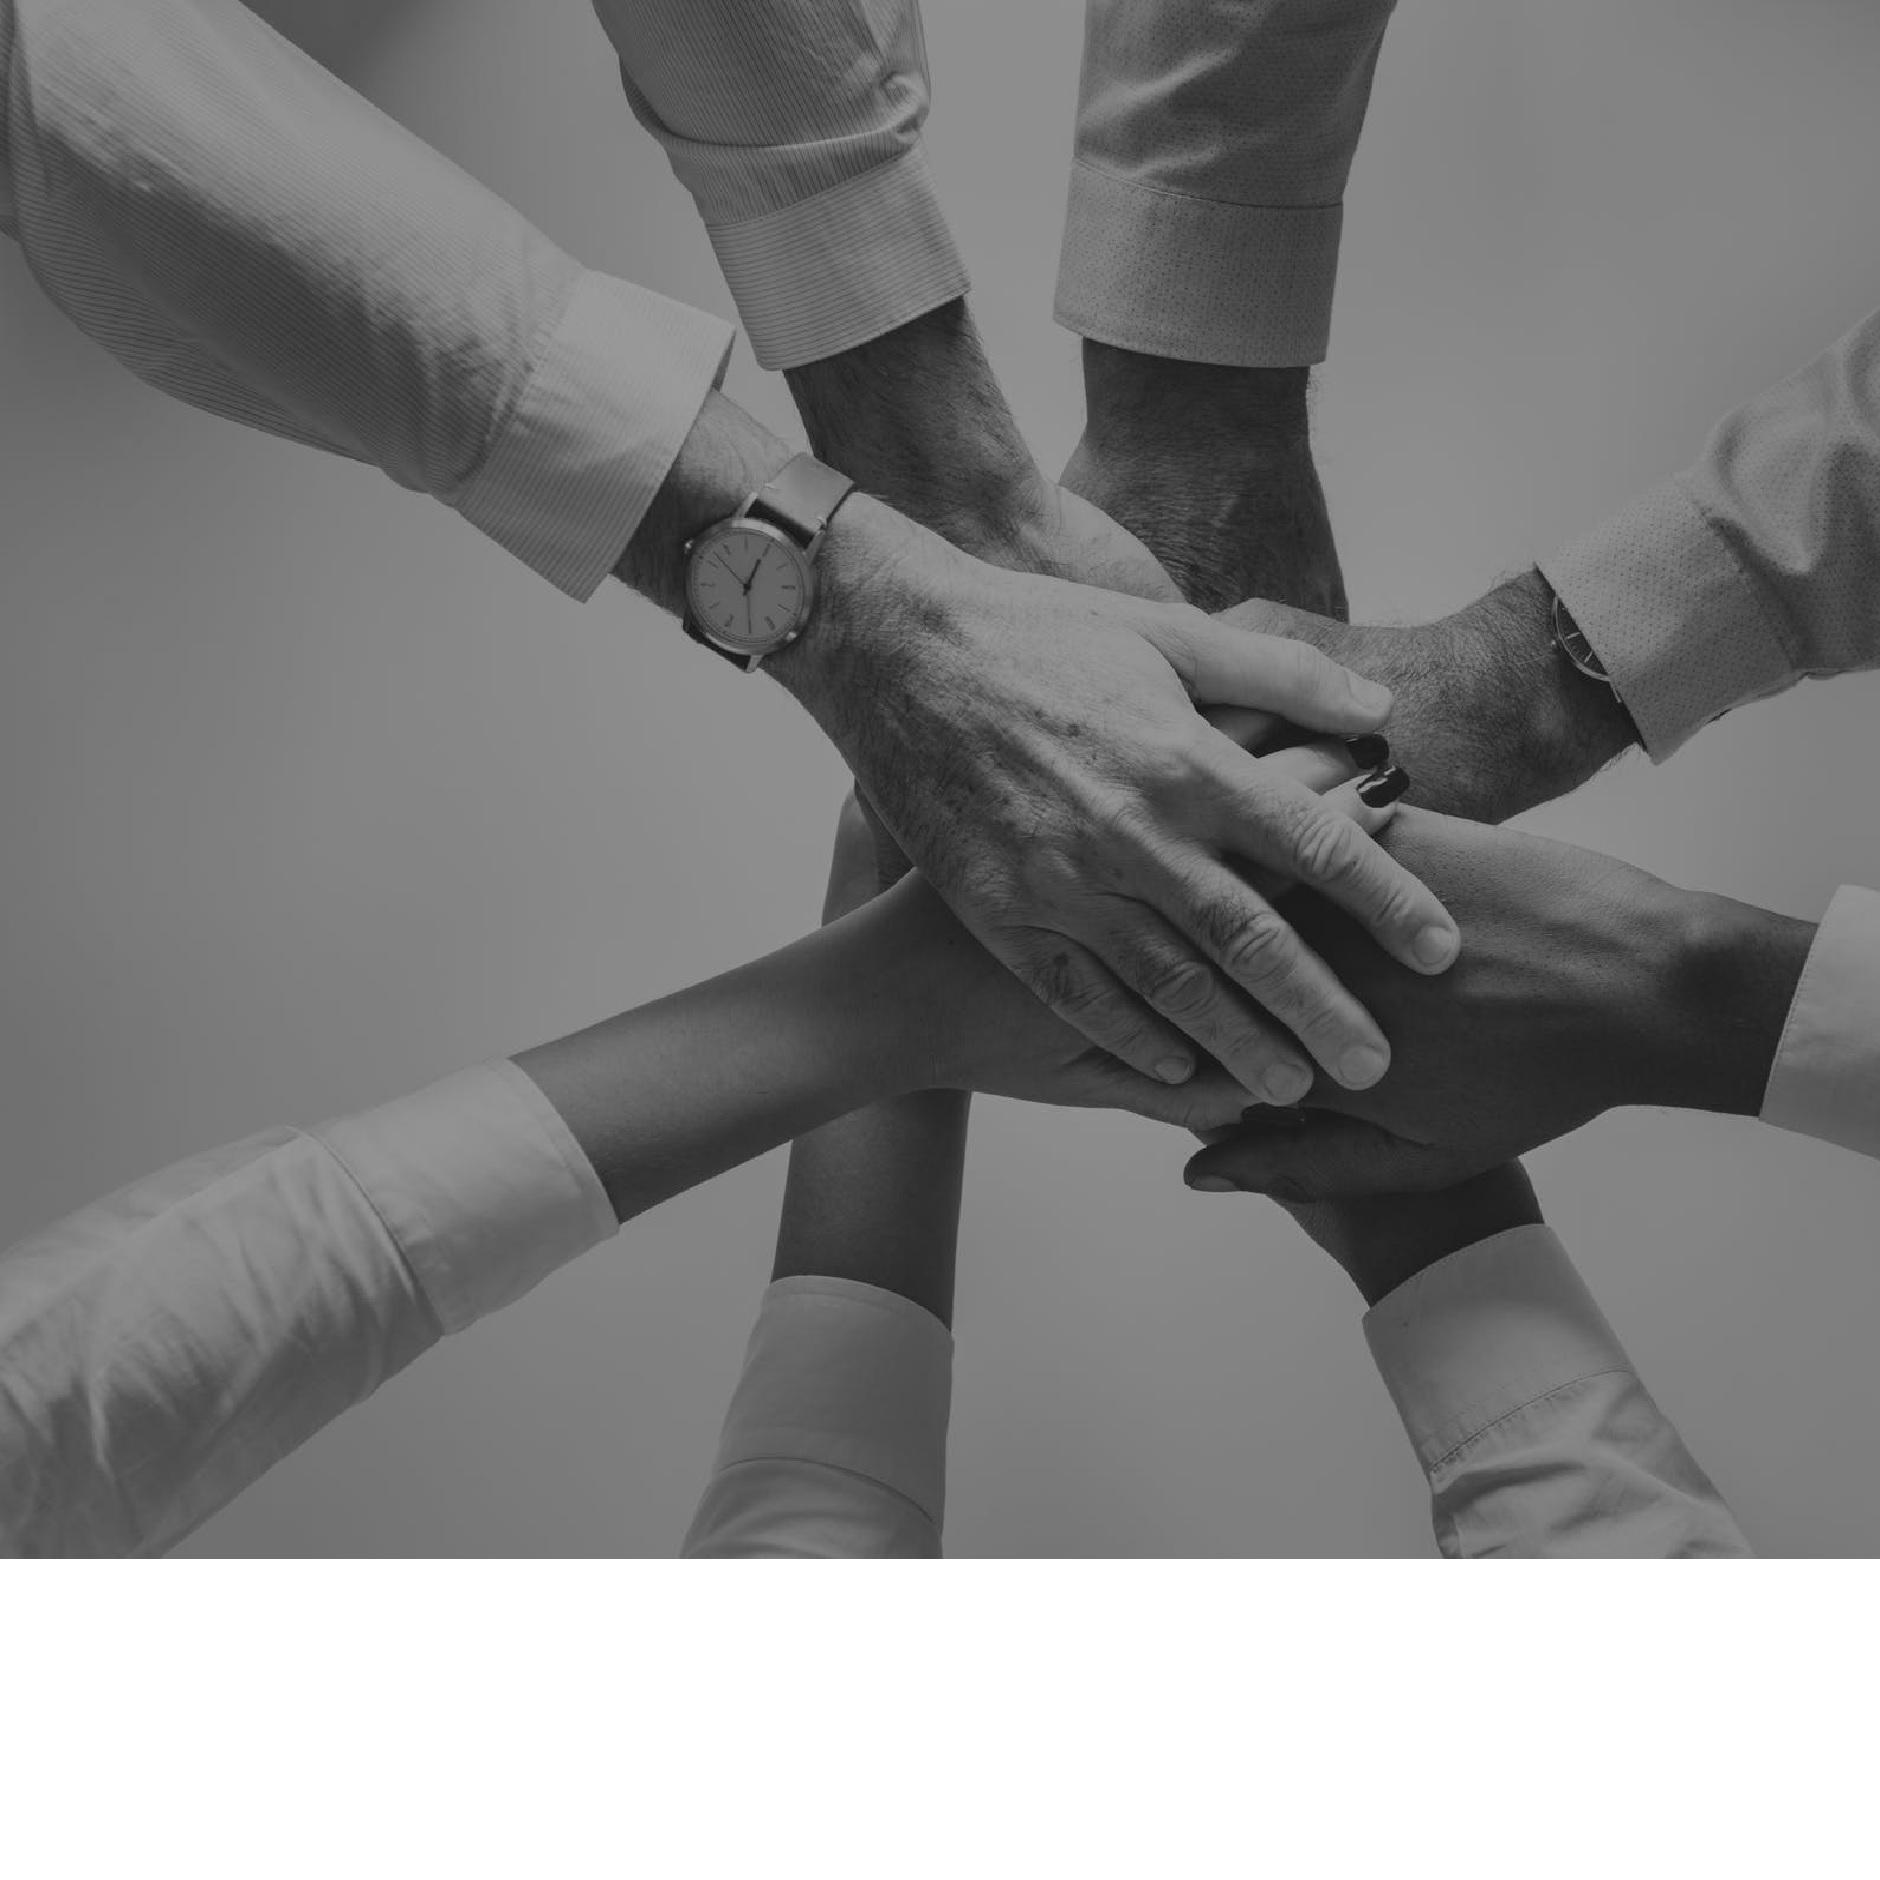 Parteneriat si comunicare - baza dezvoltarii comunitare